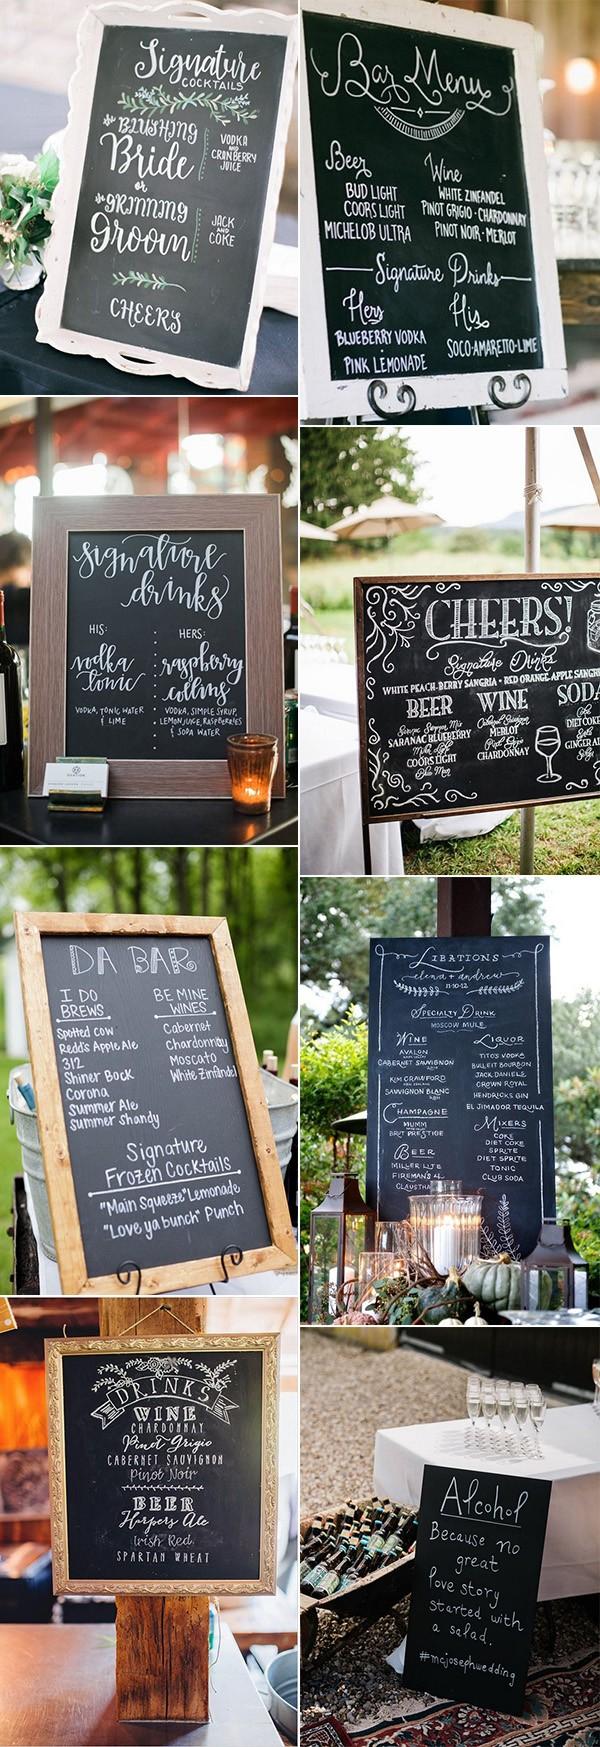 chic chalkboard wedding sign ideas